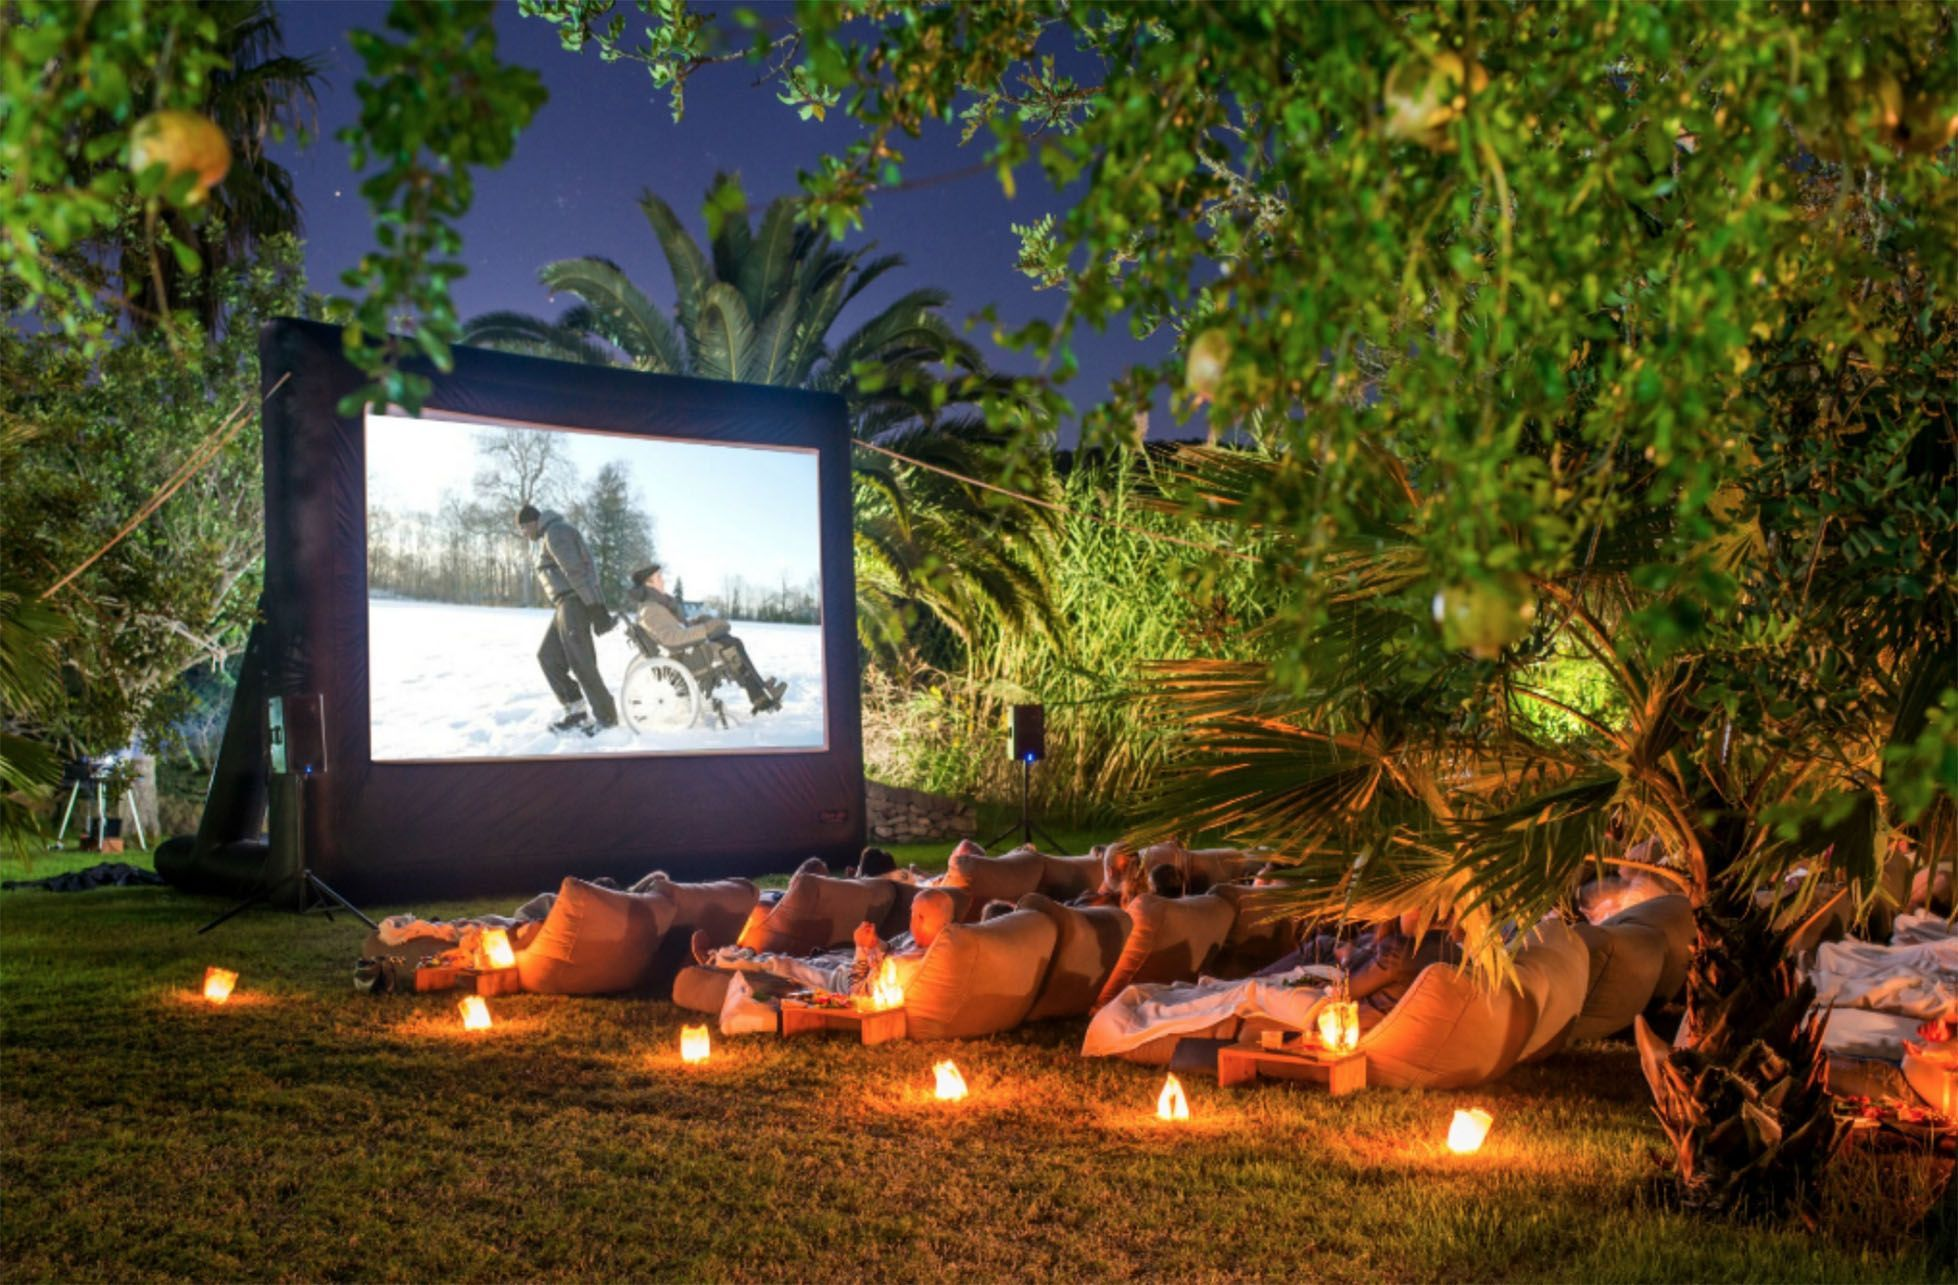 71f296a498d7fa29cfc1e506c8f382f1 - Cobb Theater Palm Beach Gardens Movies